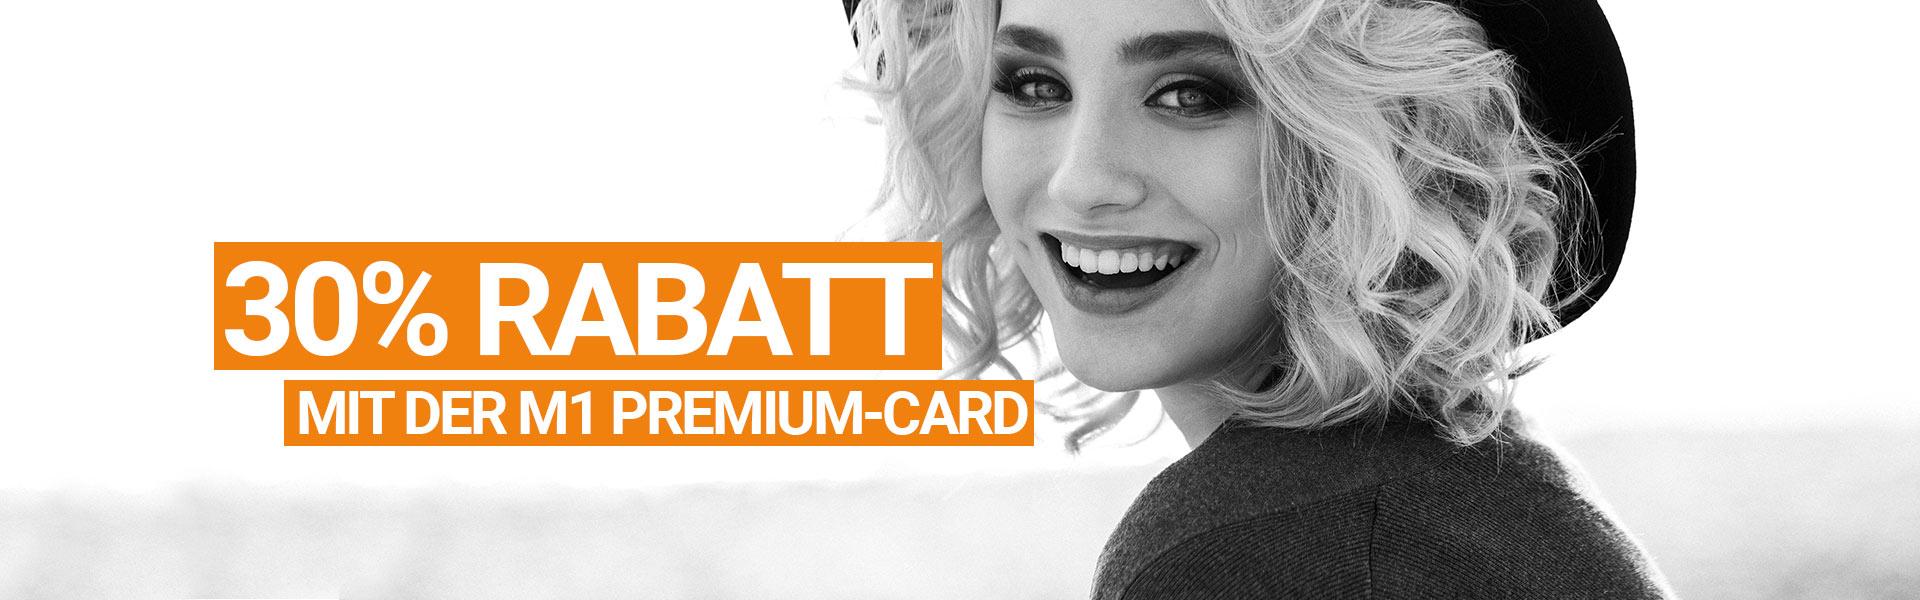 Rabatt mit der Premium Card sichern